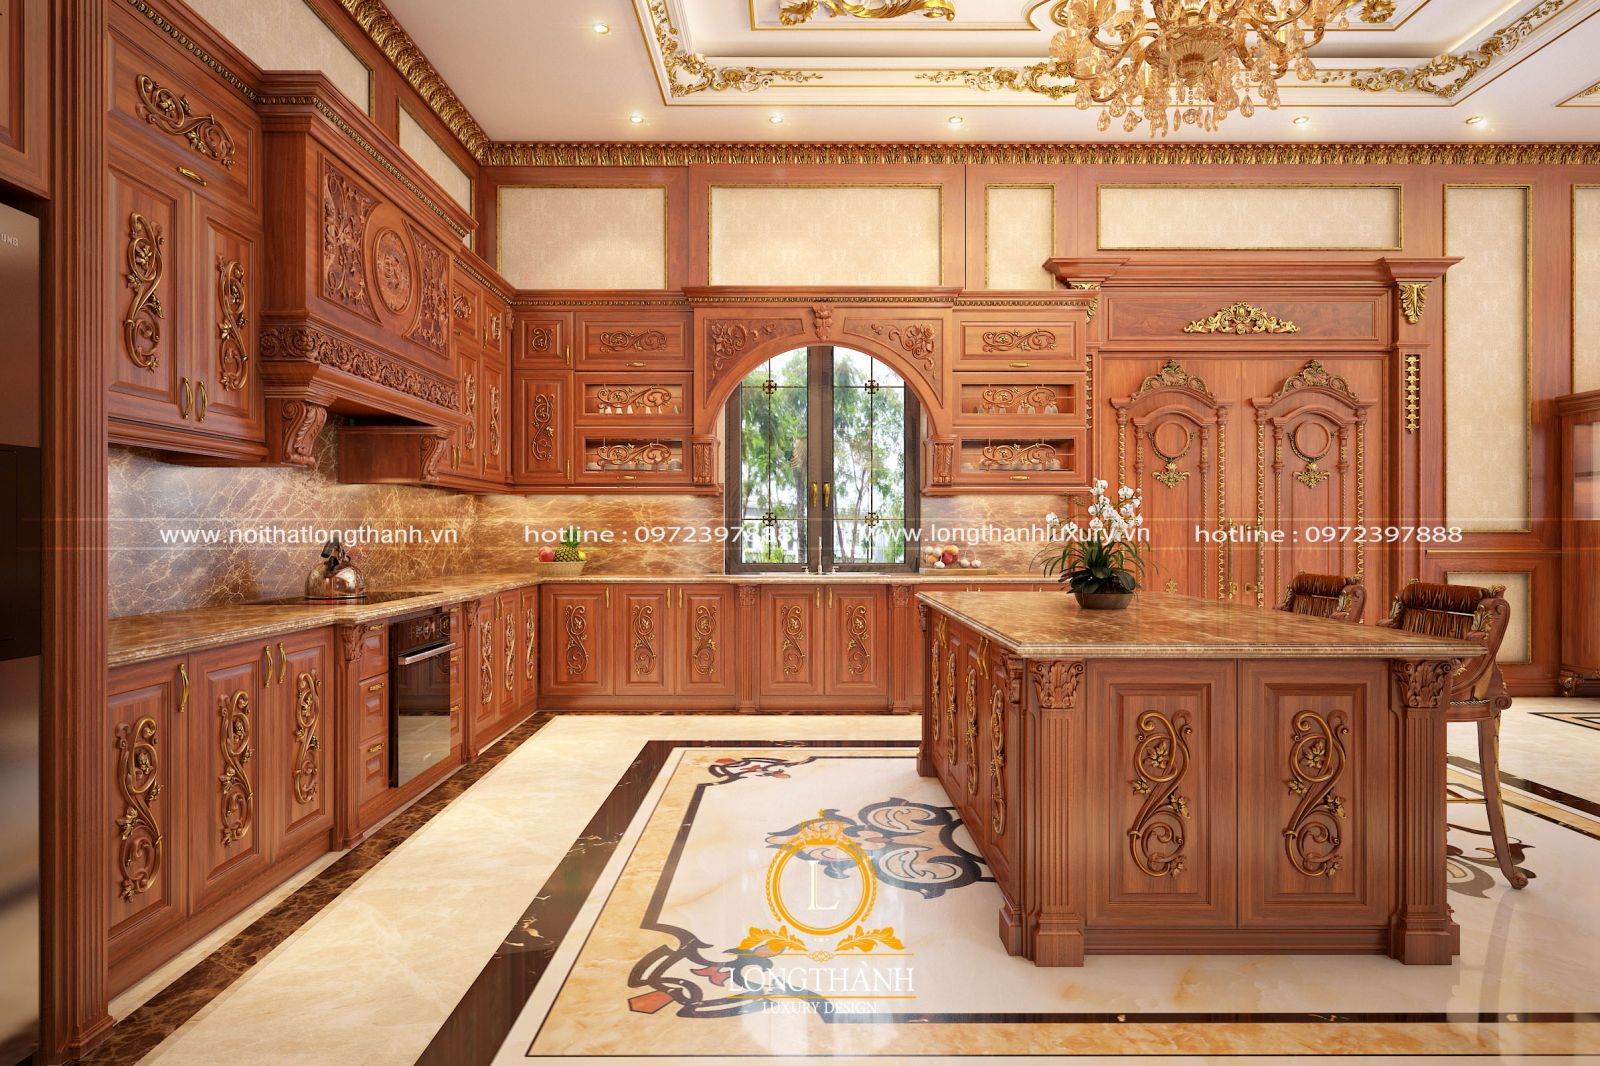 Mẫu thiết kế tủ bếp tân cổ điển gỗ tự nhiên cao cấp mạ vàng cho biệt thự song lập